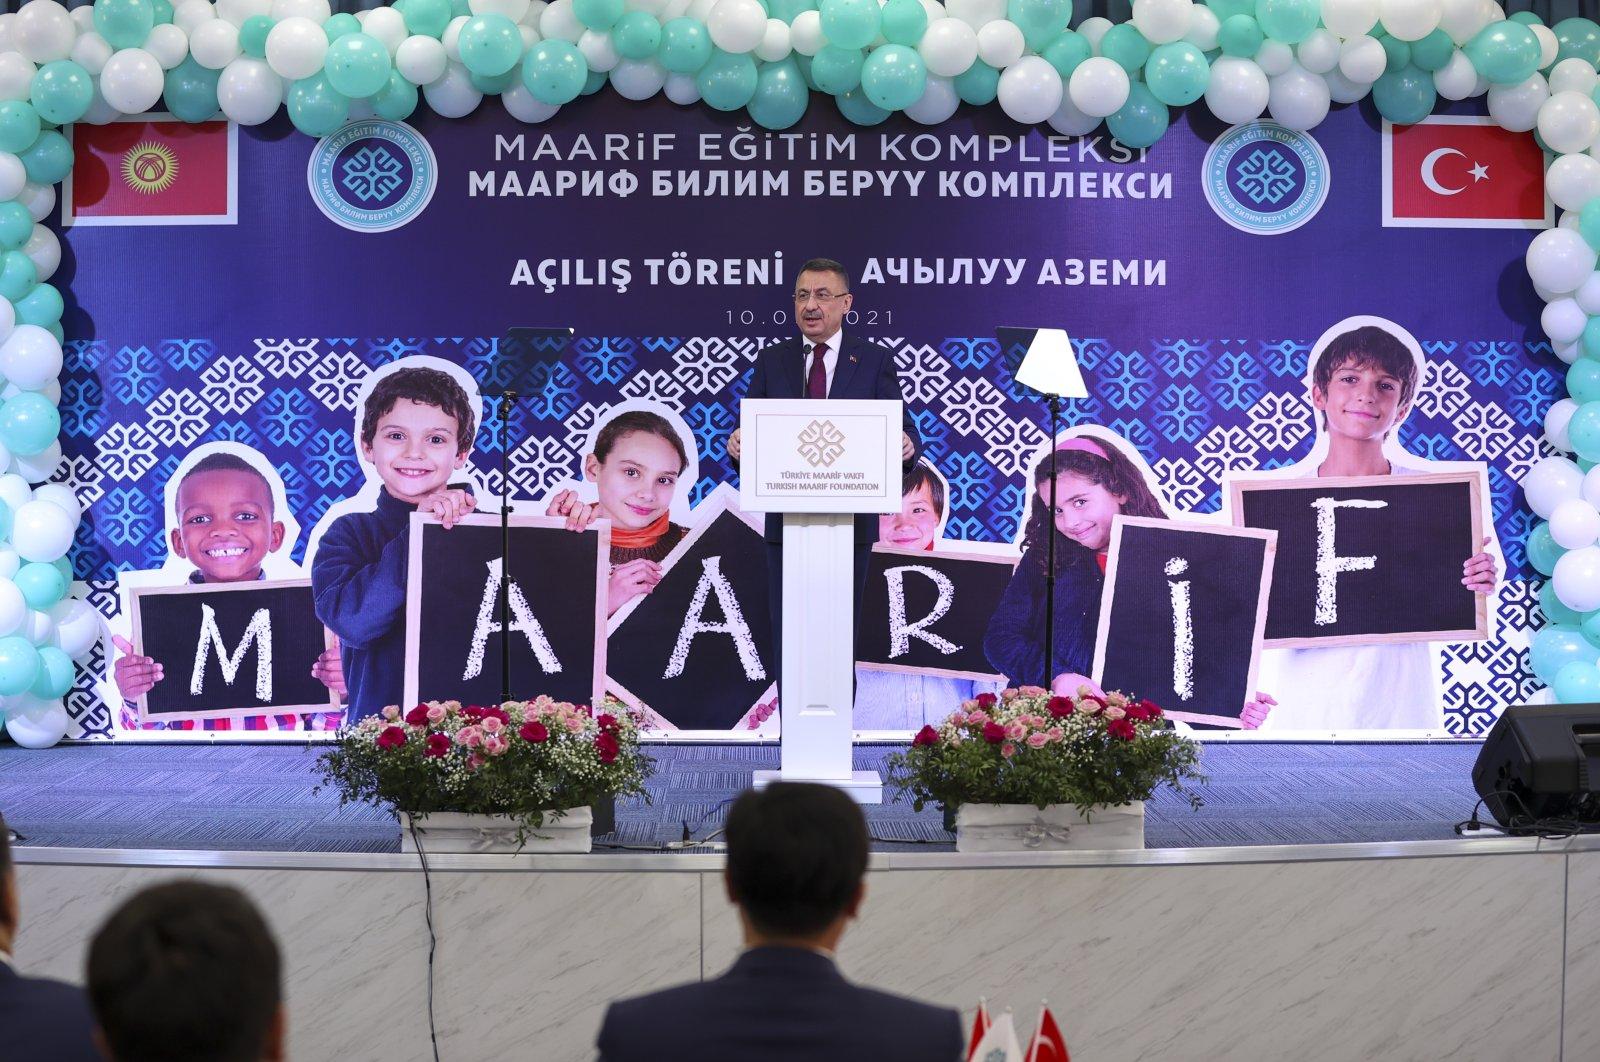 Vıce President Fuat Oktay speaks at the inauguration ceremony of Maarif schools in Bishkek, Kyrgyzstan, Sept. 10, 2021. (AA Photo)